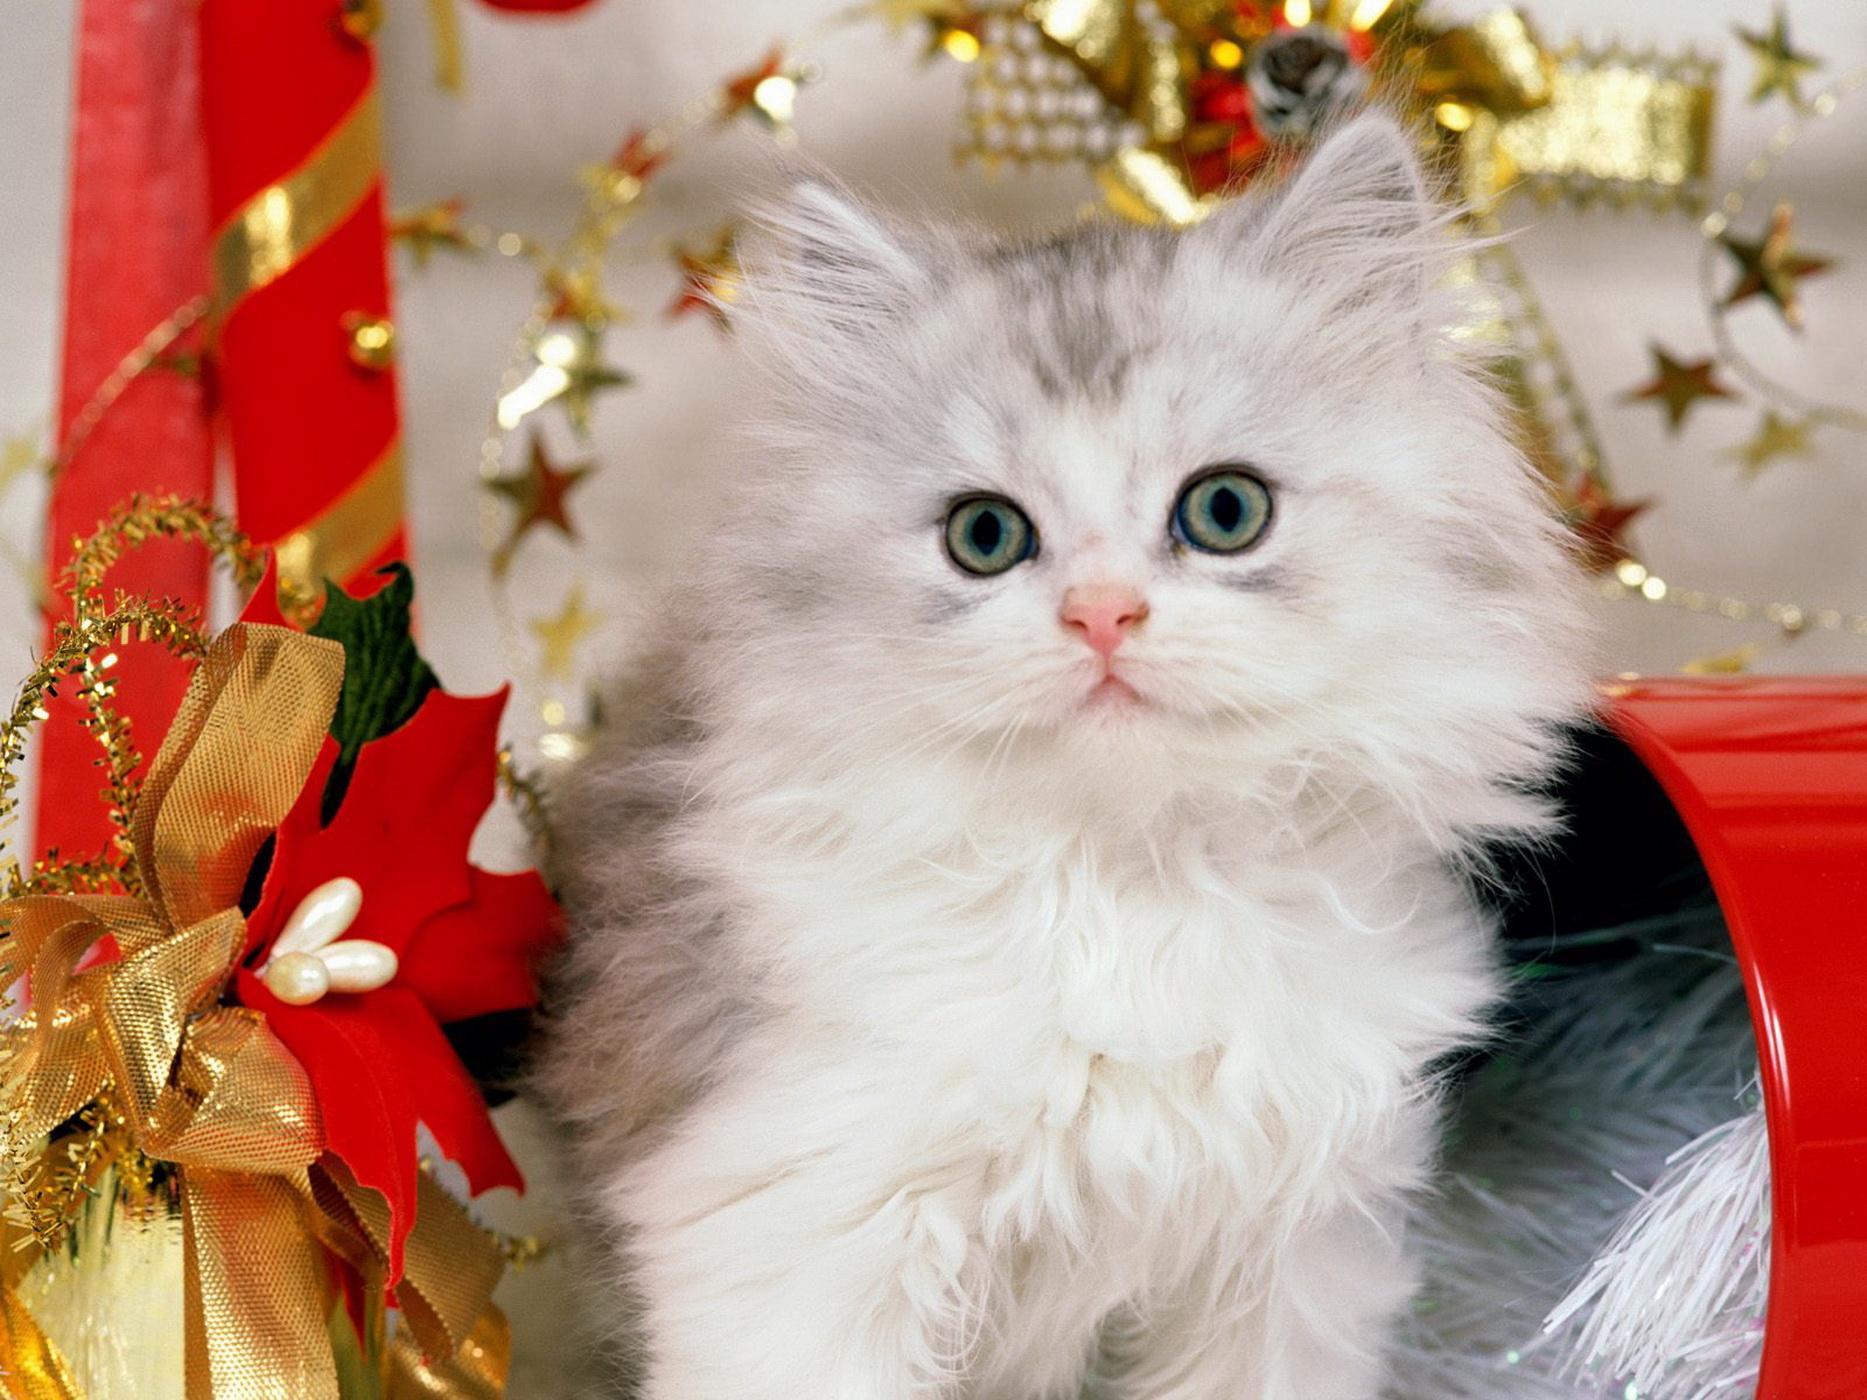 Ảnh mèo anh lông dài dễ thương, đẹp nhất